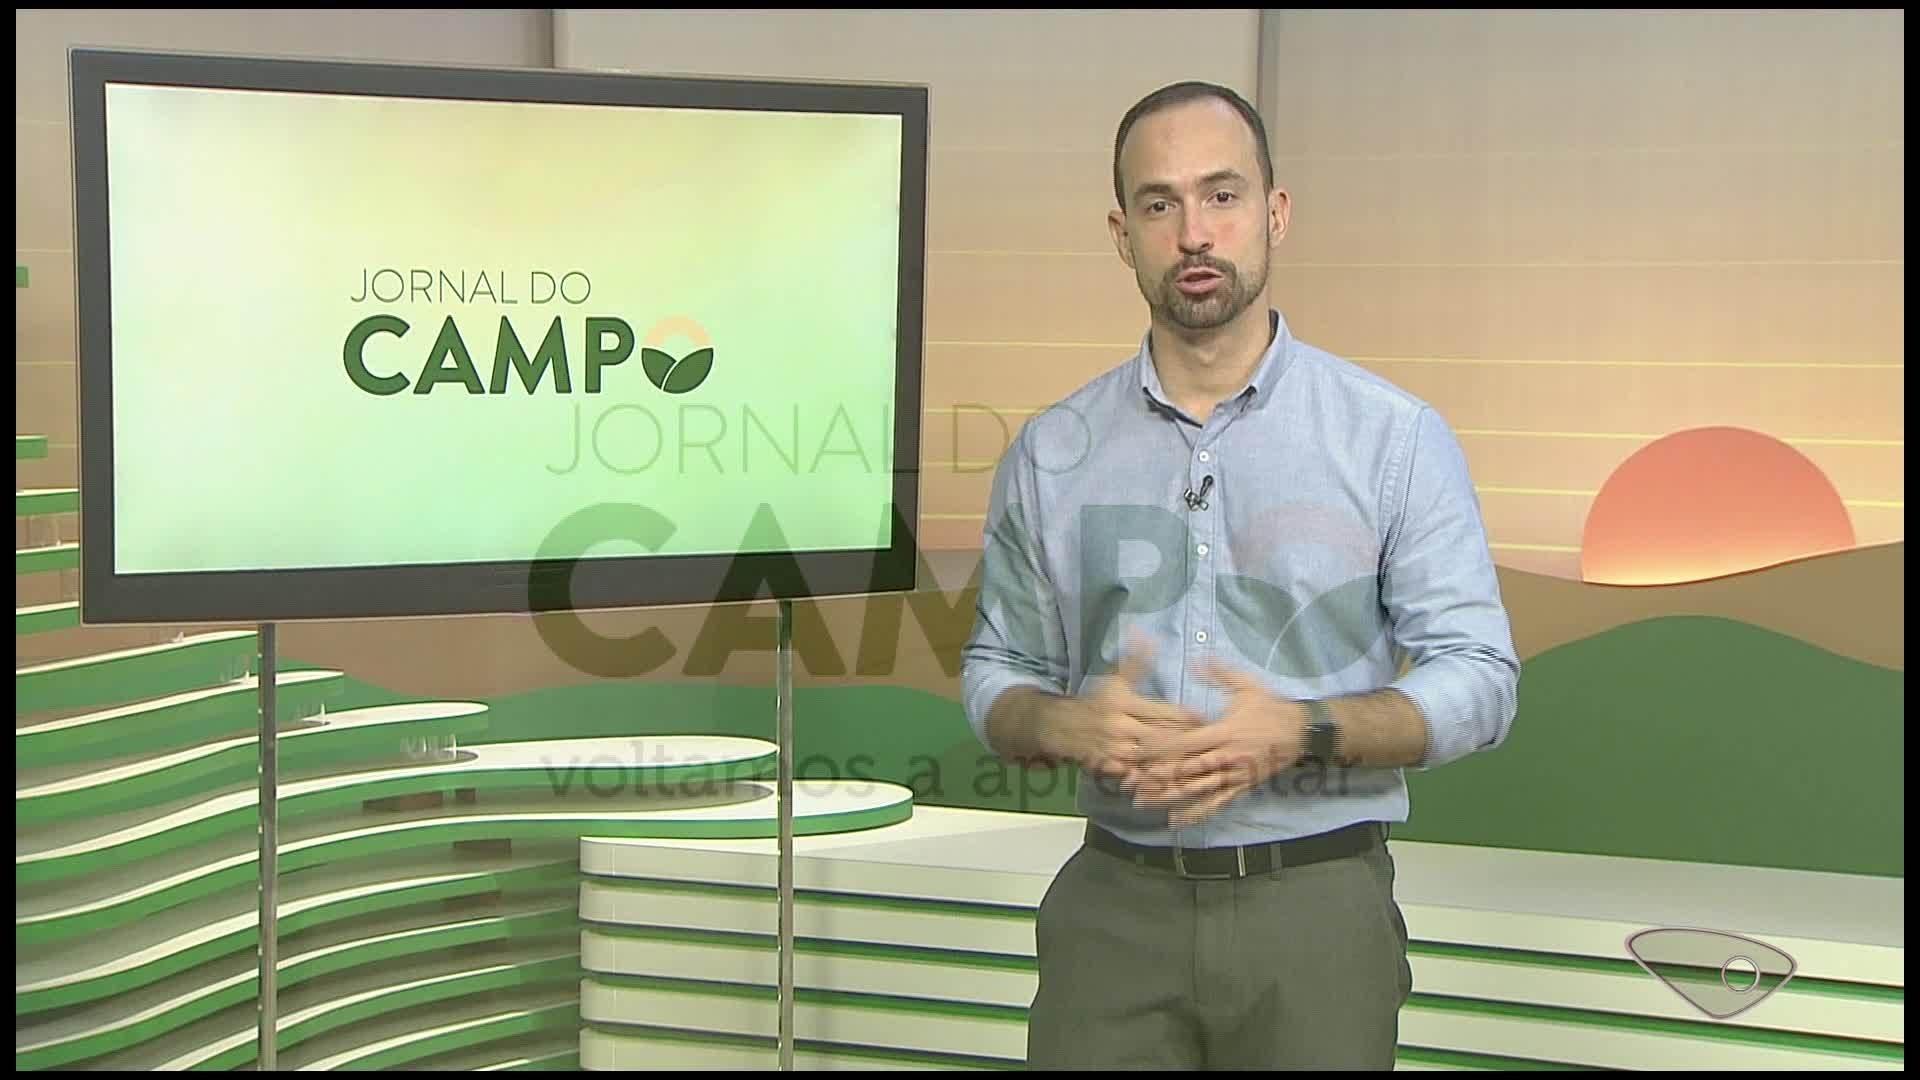 VÍDEOS: Jornal do Campo ES de domingo, 9 de agosto